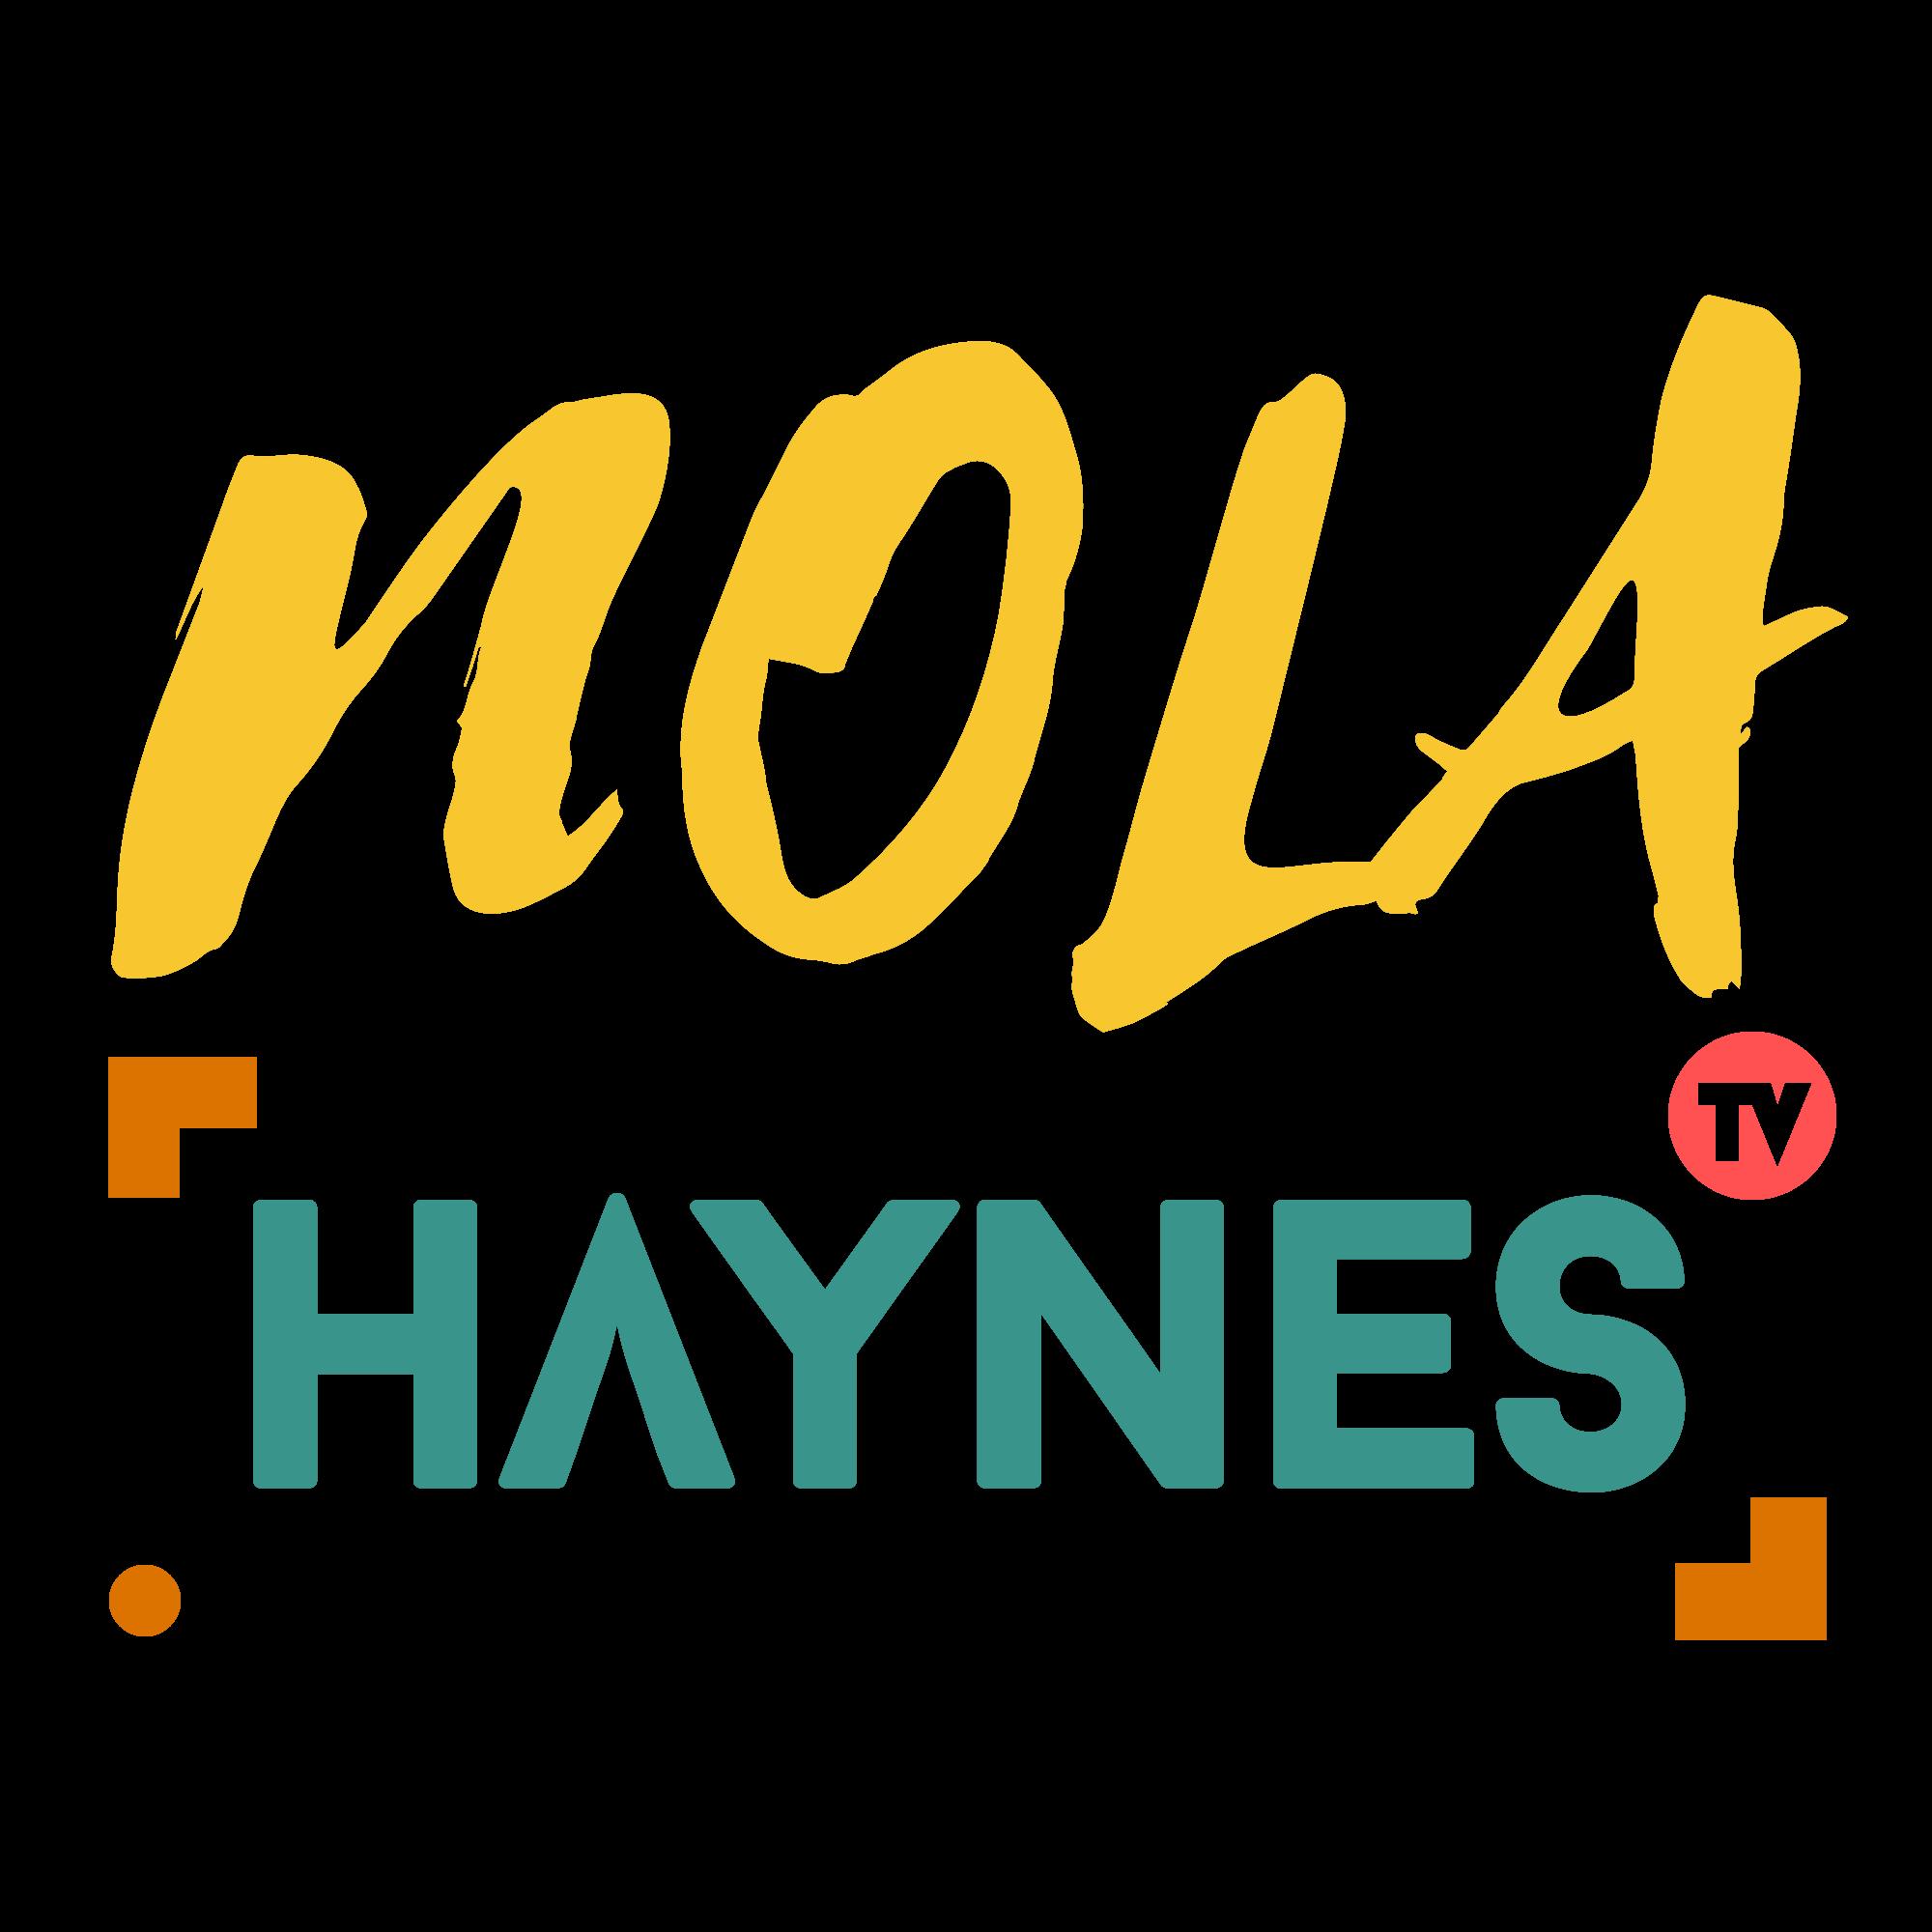 NOLA Haynes TV Logo (Trans BG Trans TV).png